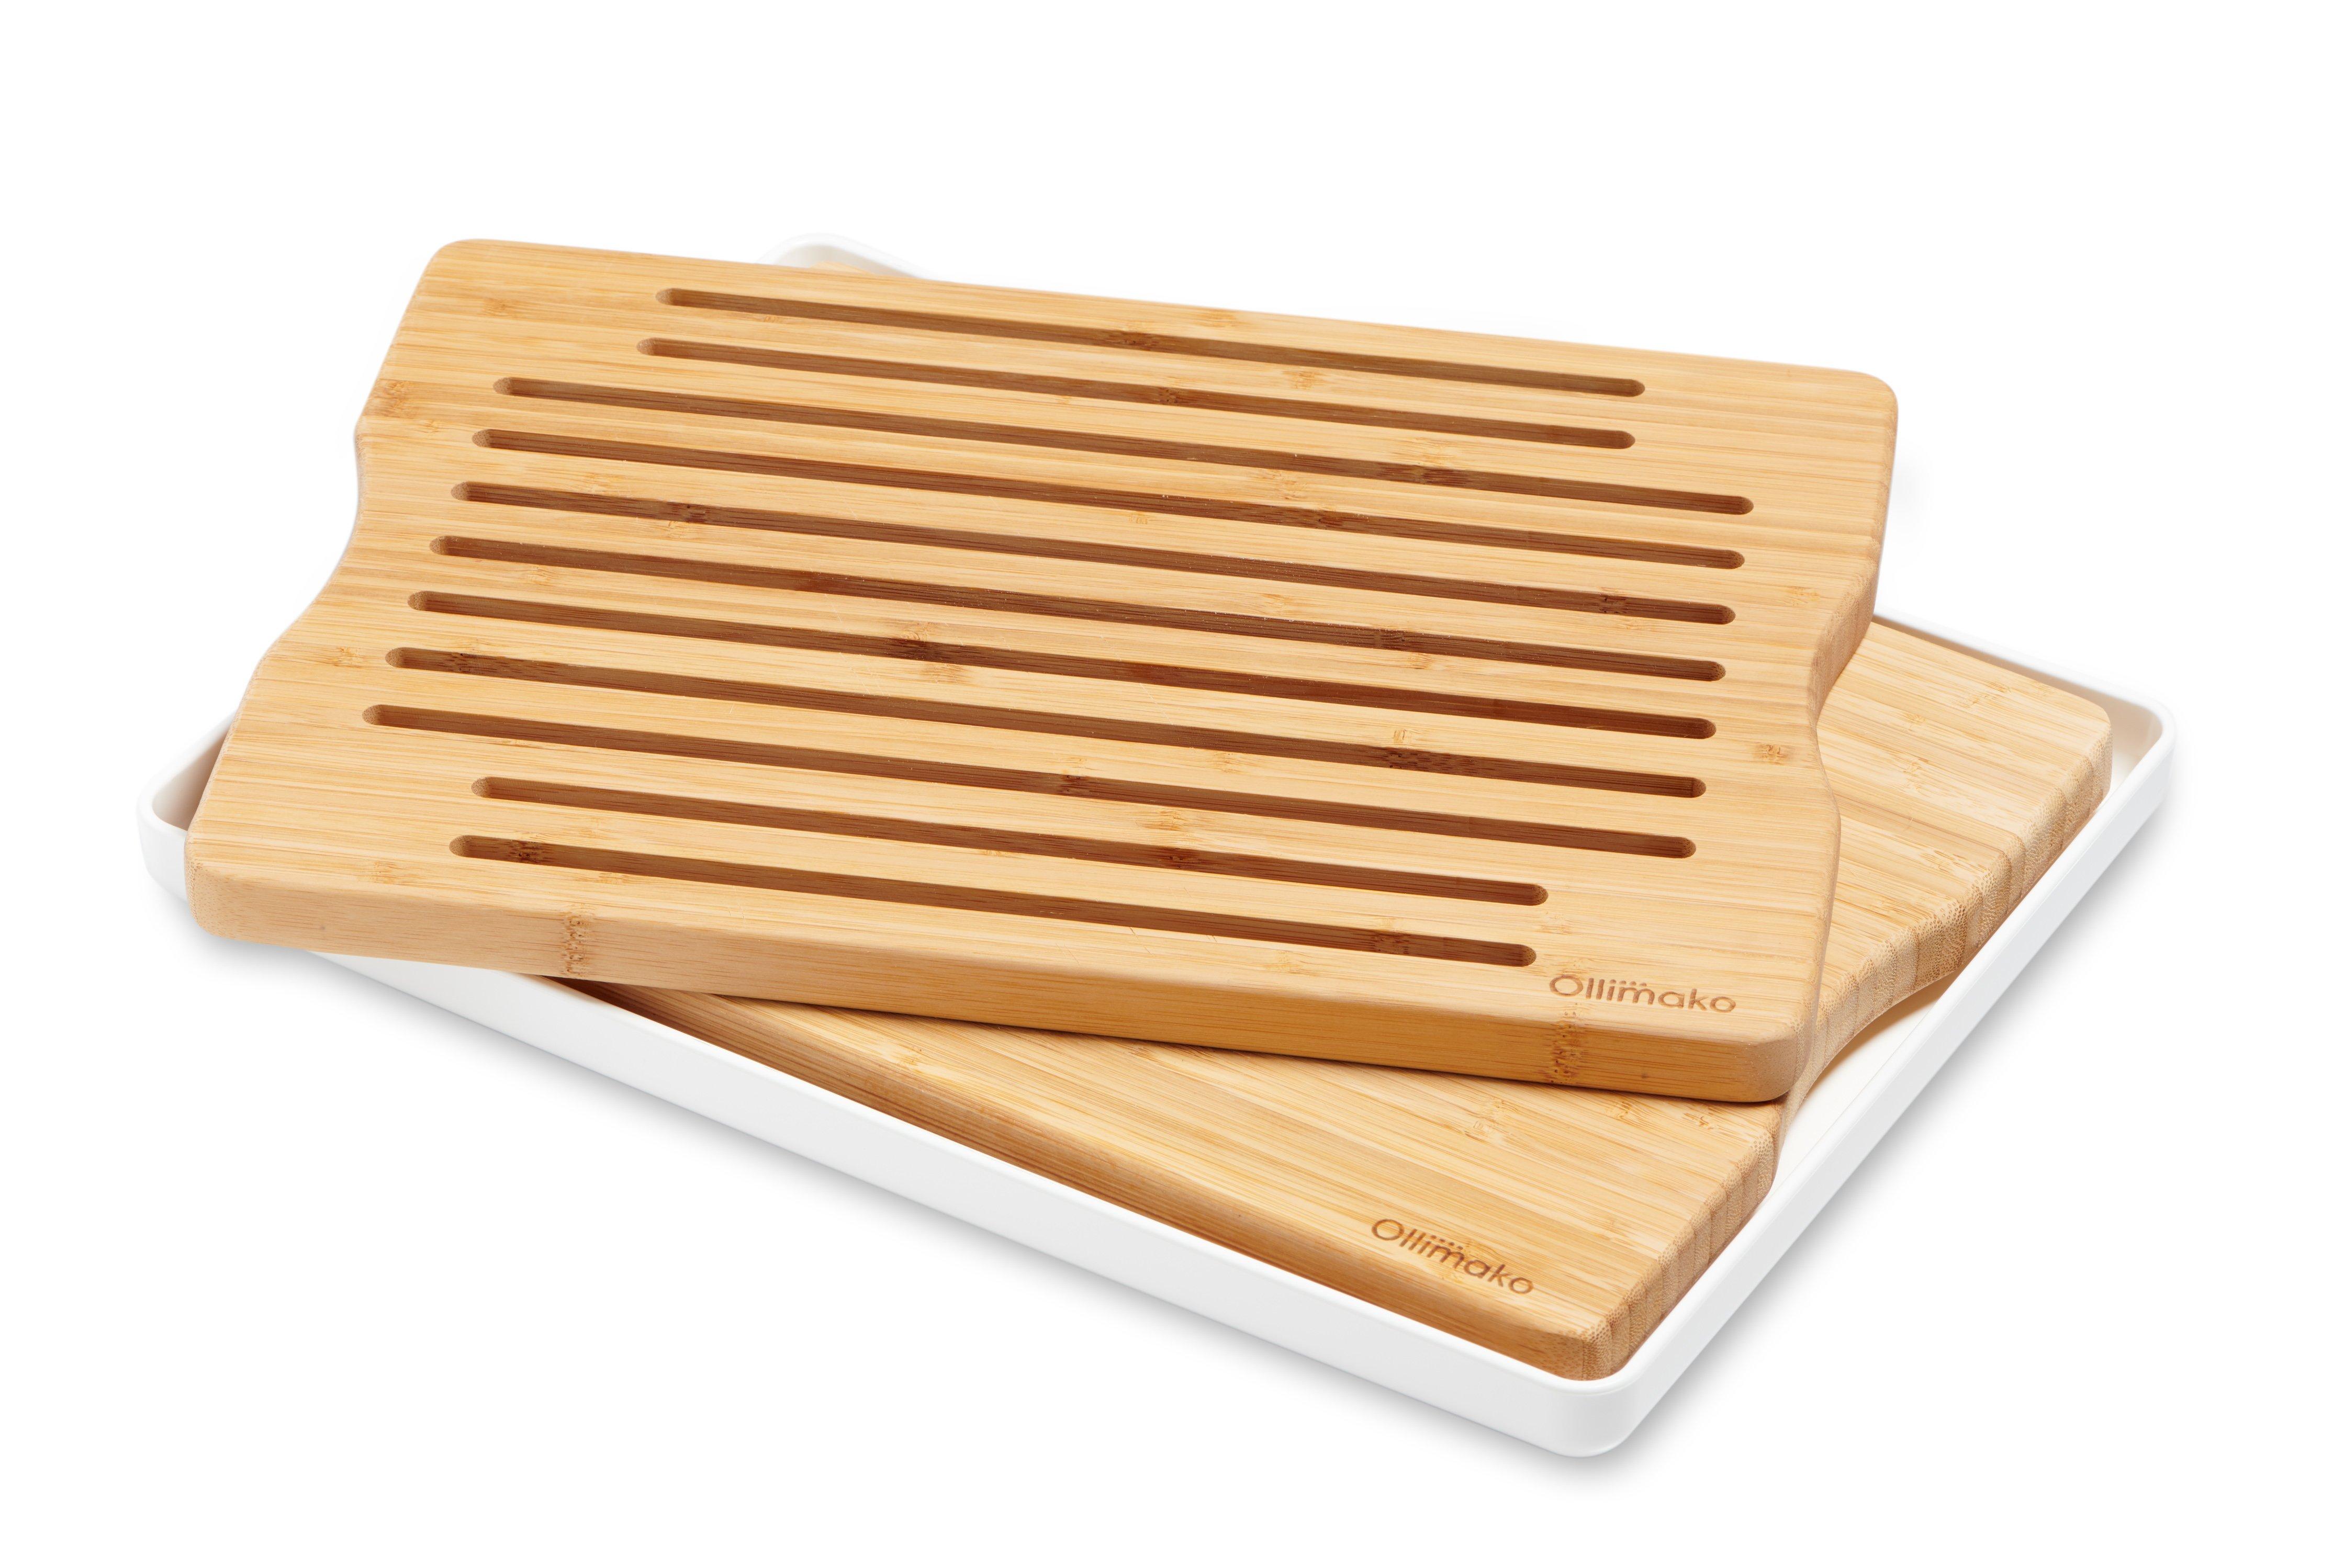 Kombi sæt skære- og brødbræt i bambus med hvidt opsamlingsfad incl. silikonefødder.